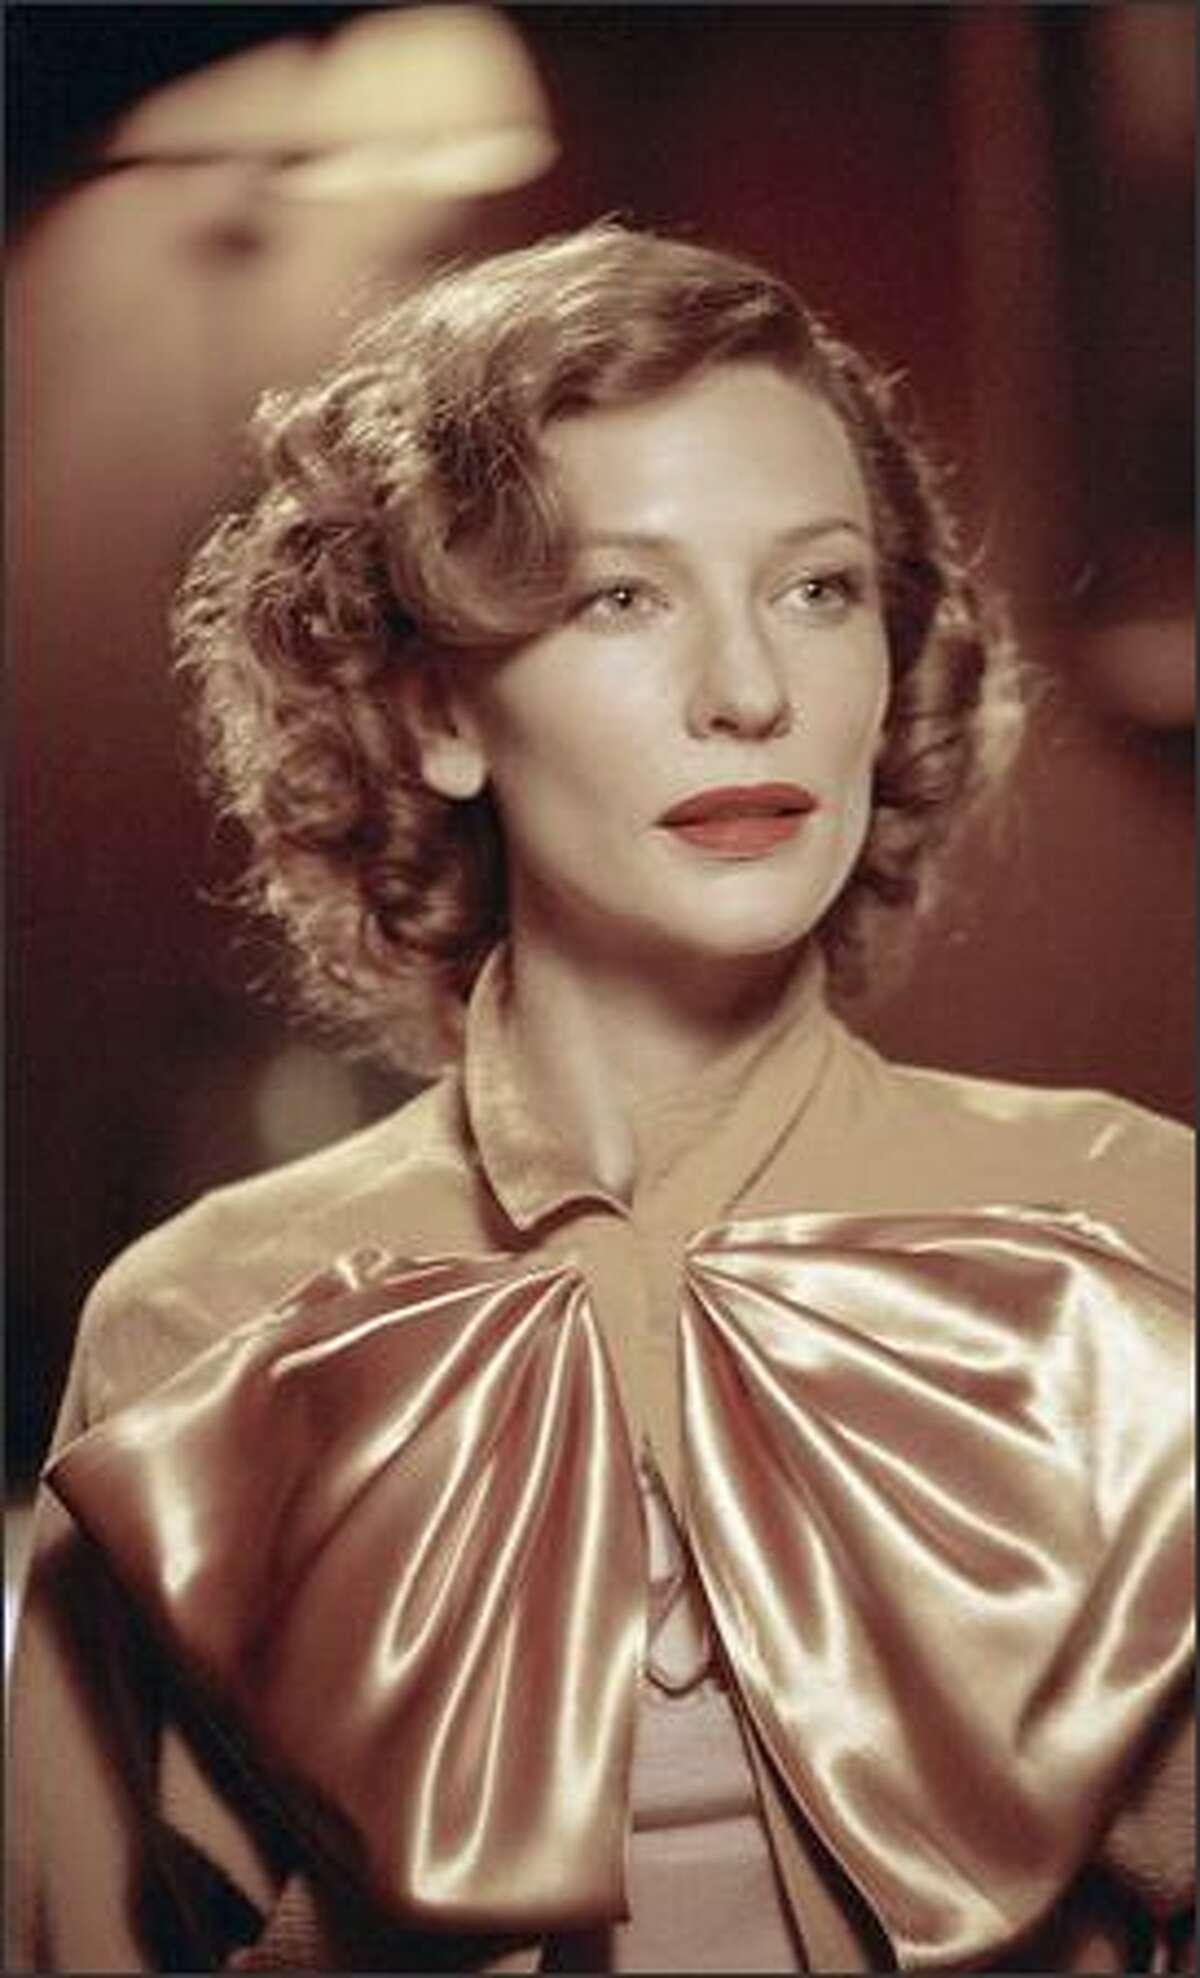 Cate Blanchett stars as actress Katharine Hepburn in